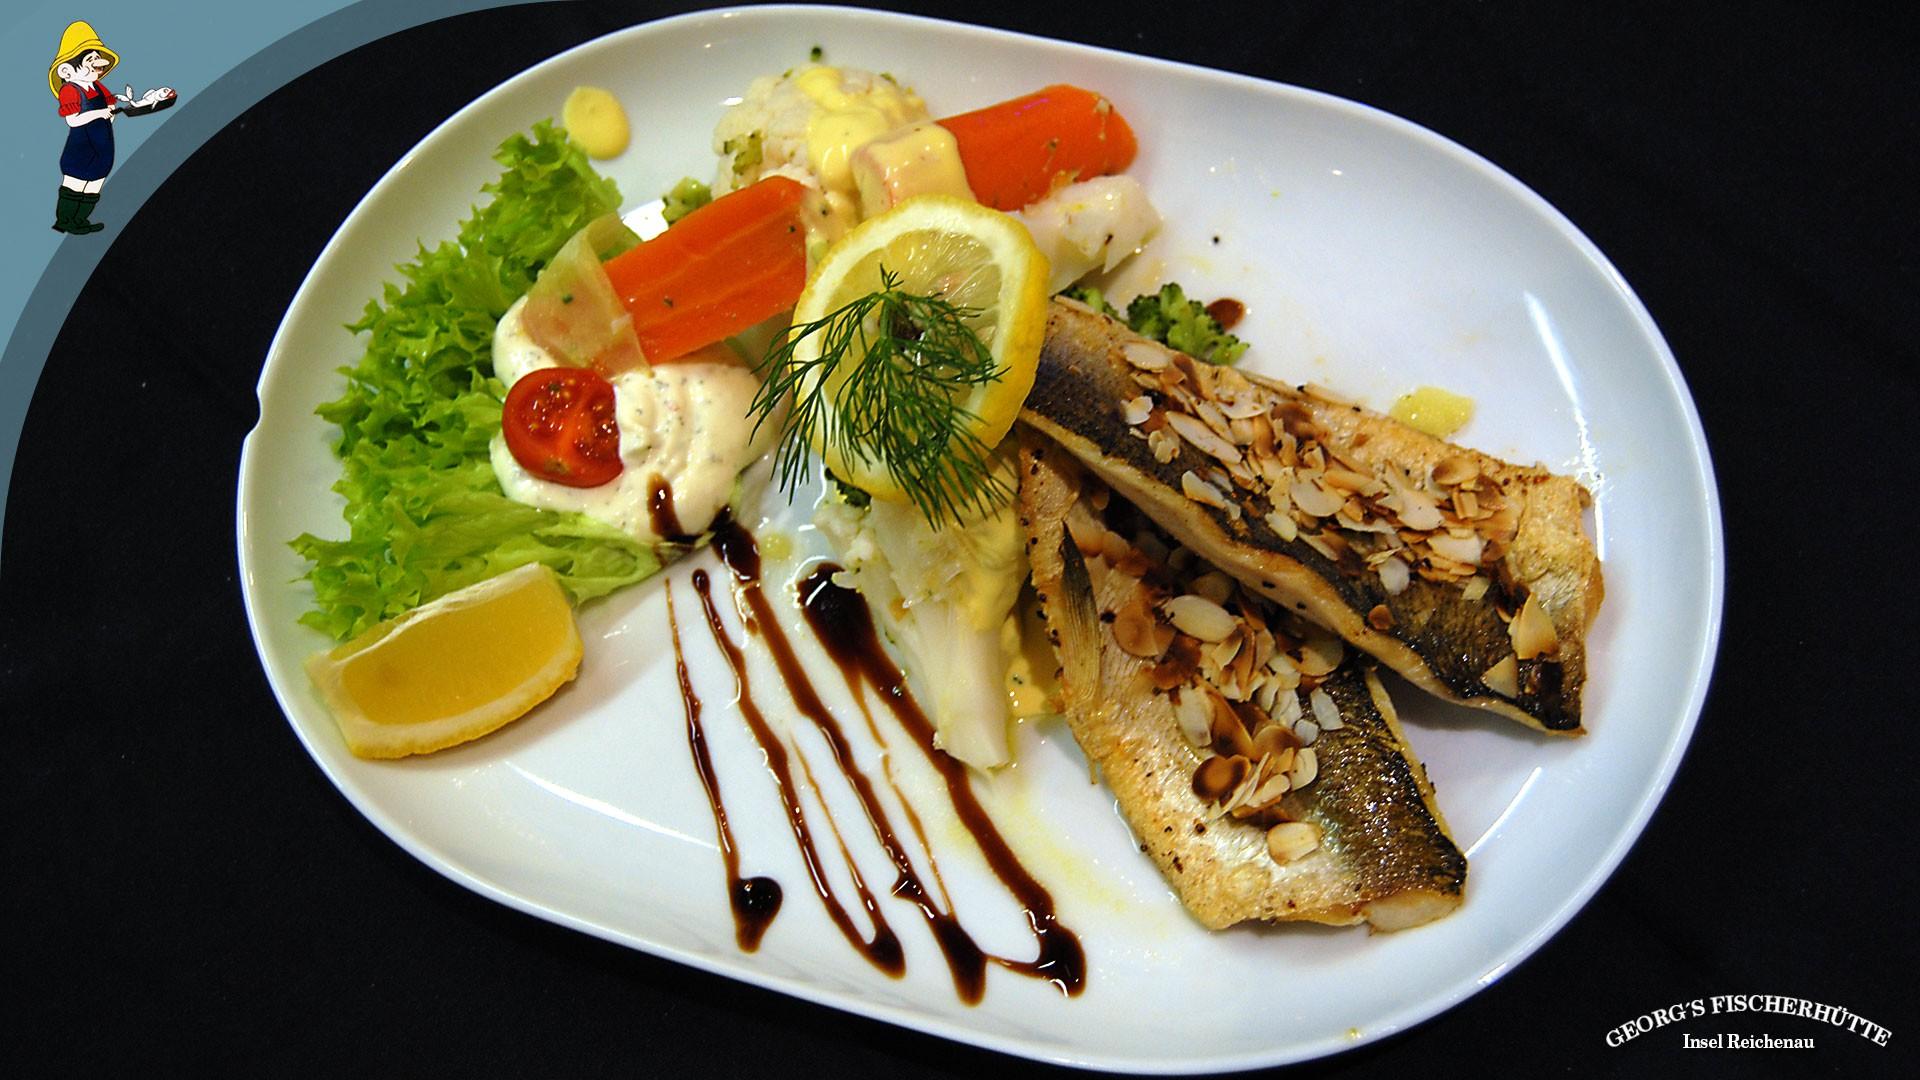 Georg's Fischerhütte: Forellen-Filet, Reichenauer Buttergemüse und Salat